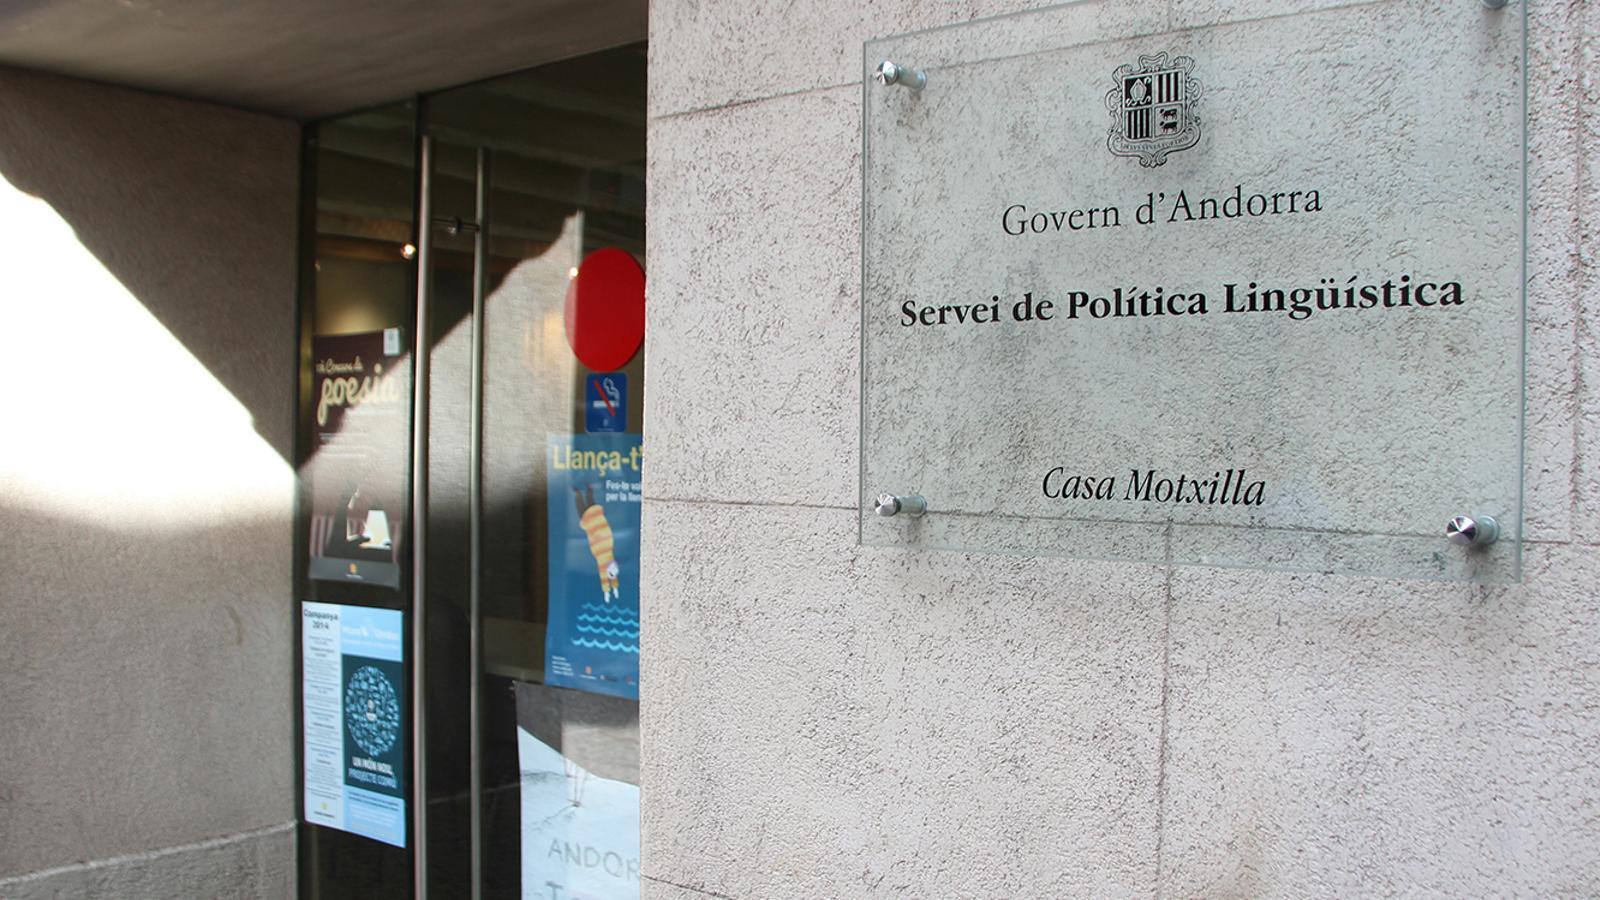 L'edifici on es troba el Servei de Política Lingüística. / ARXIU